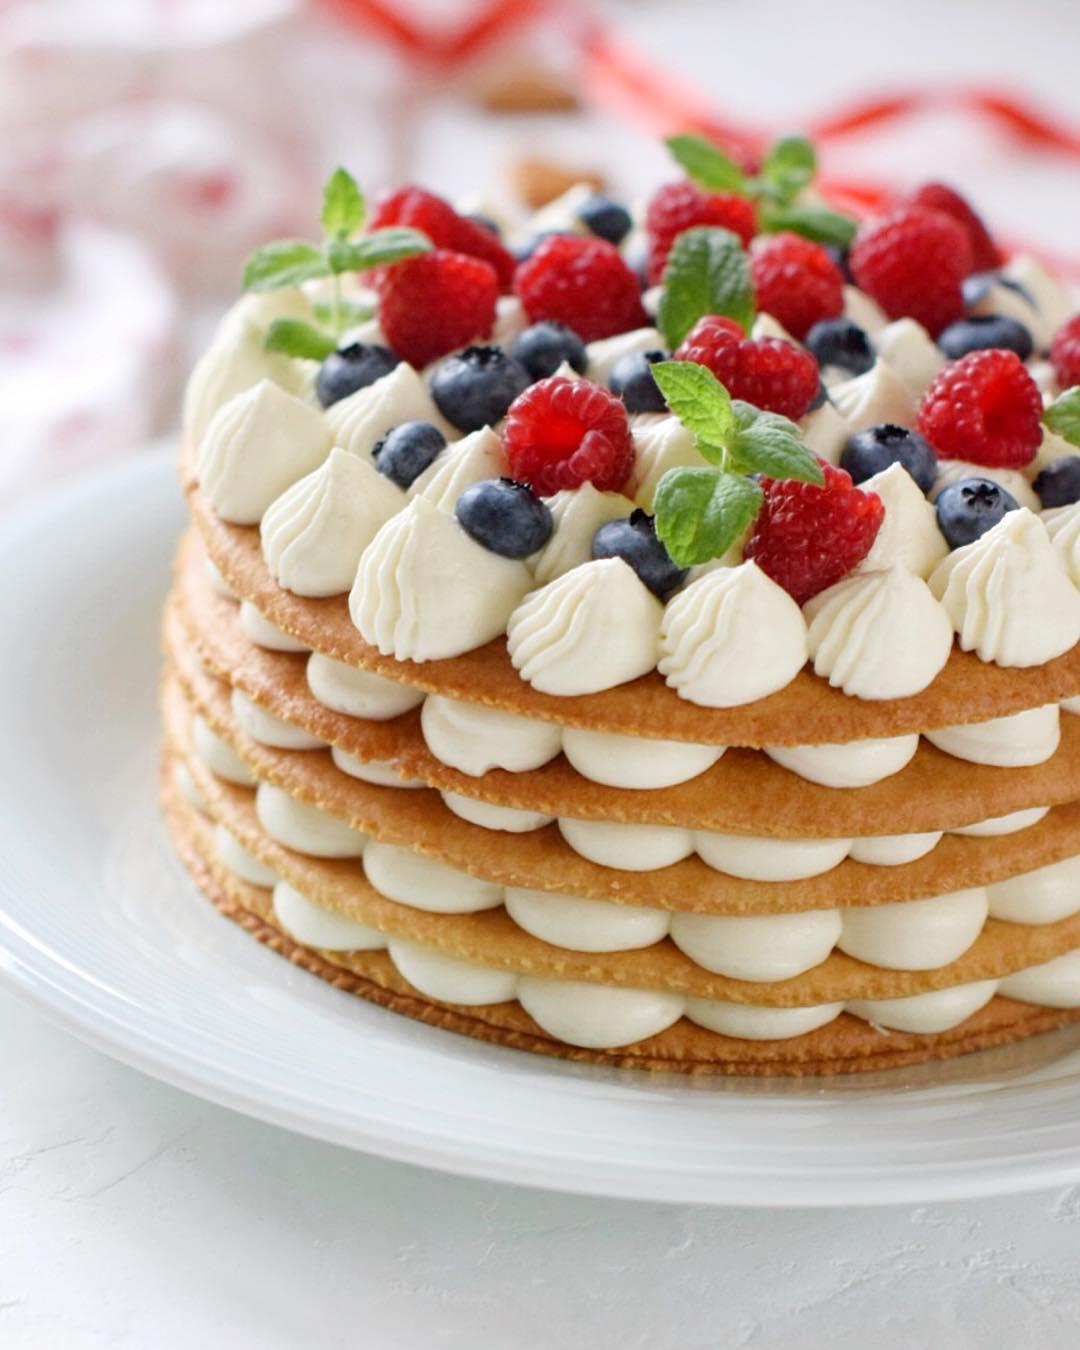 специализируется торт открытый рецепт с фото мнению звезды, кефир